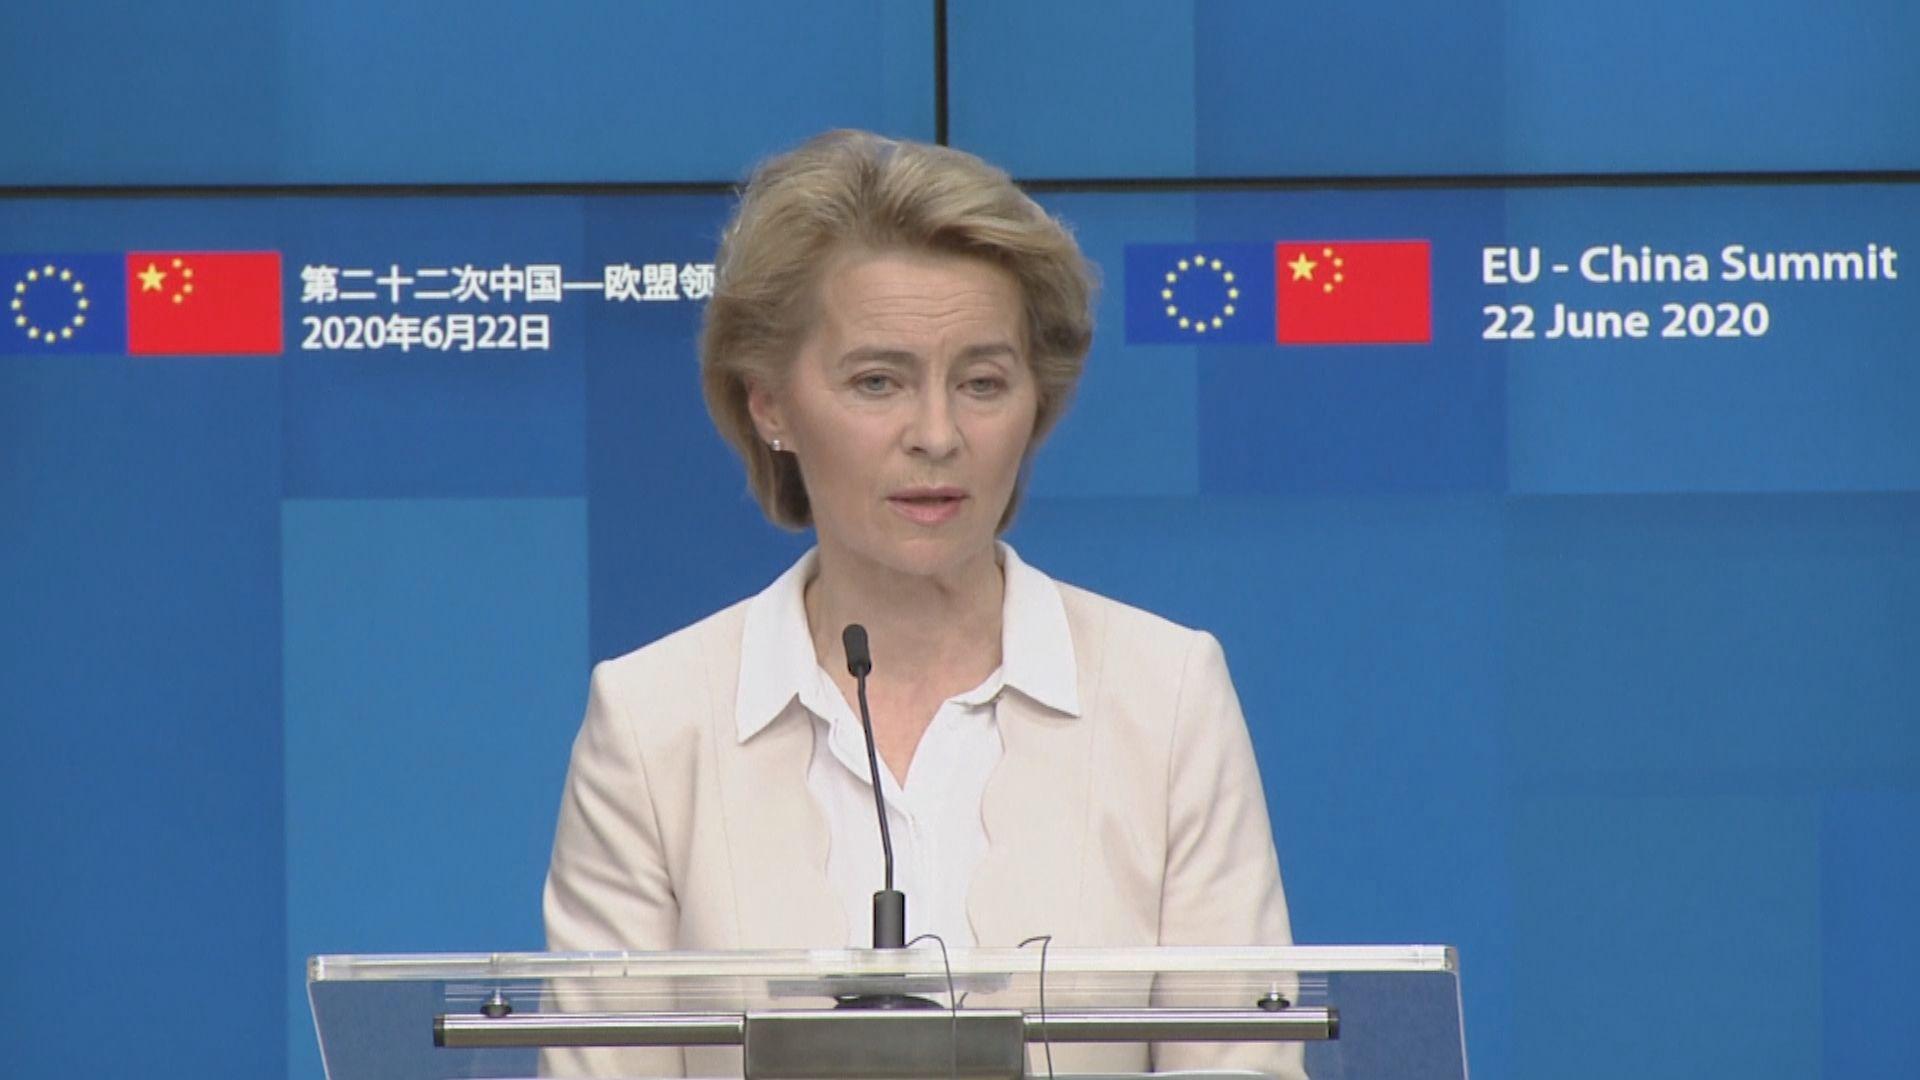 歐盟:國安法一旦實施將會有非常負面後果